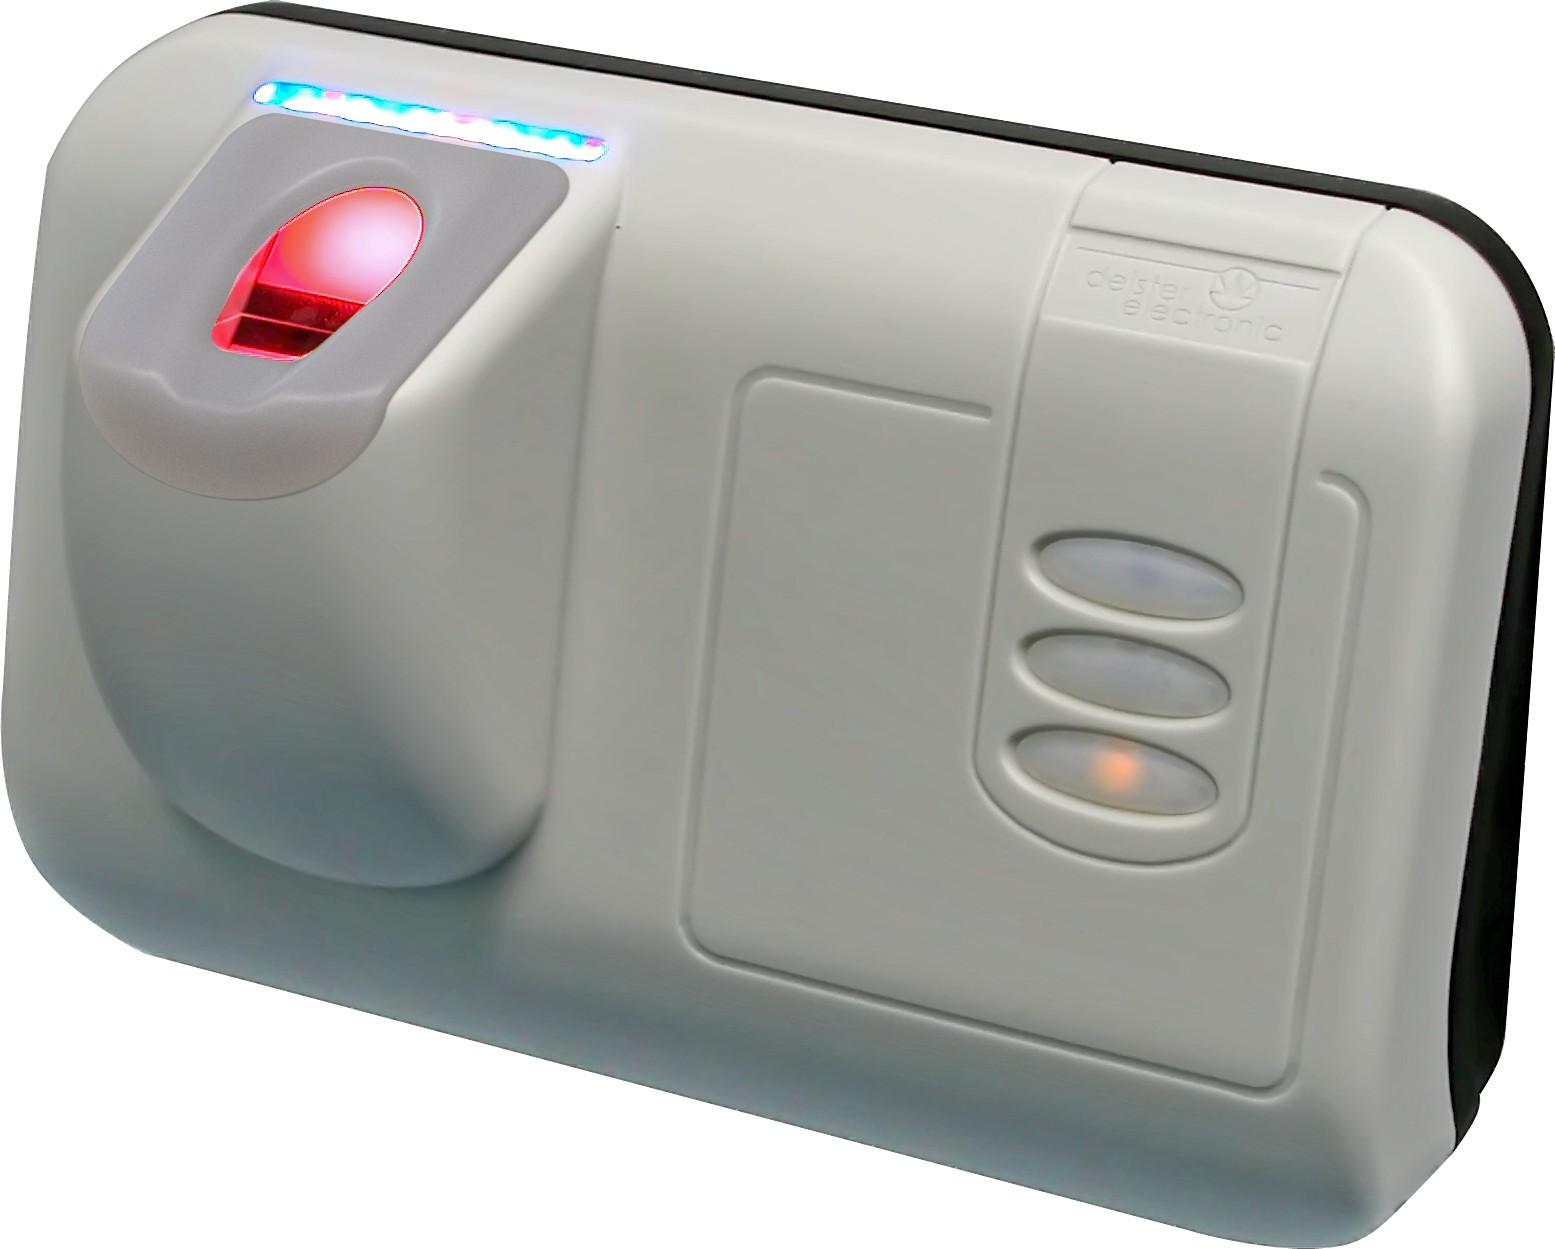 Lecteur biométrique conforme a la cnil - mifare classic - mifare desfire ev1 aes